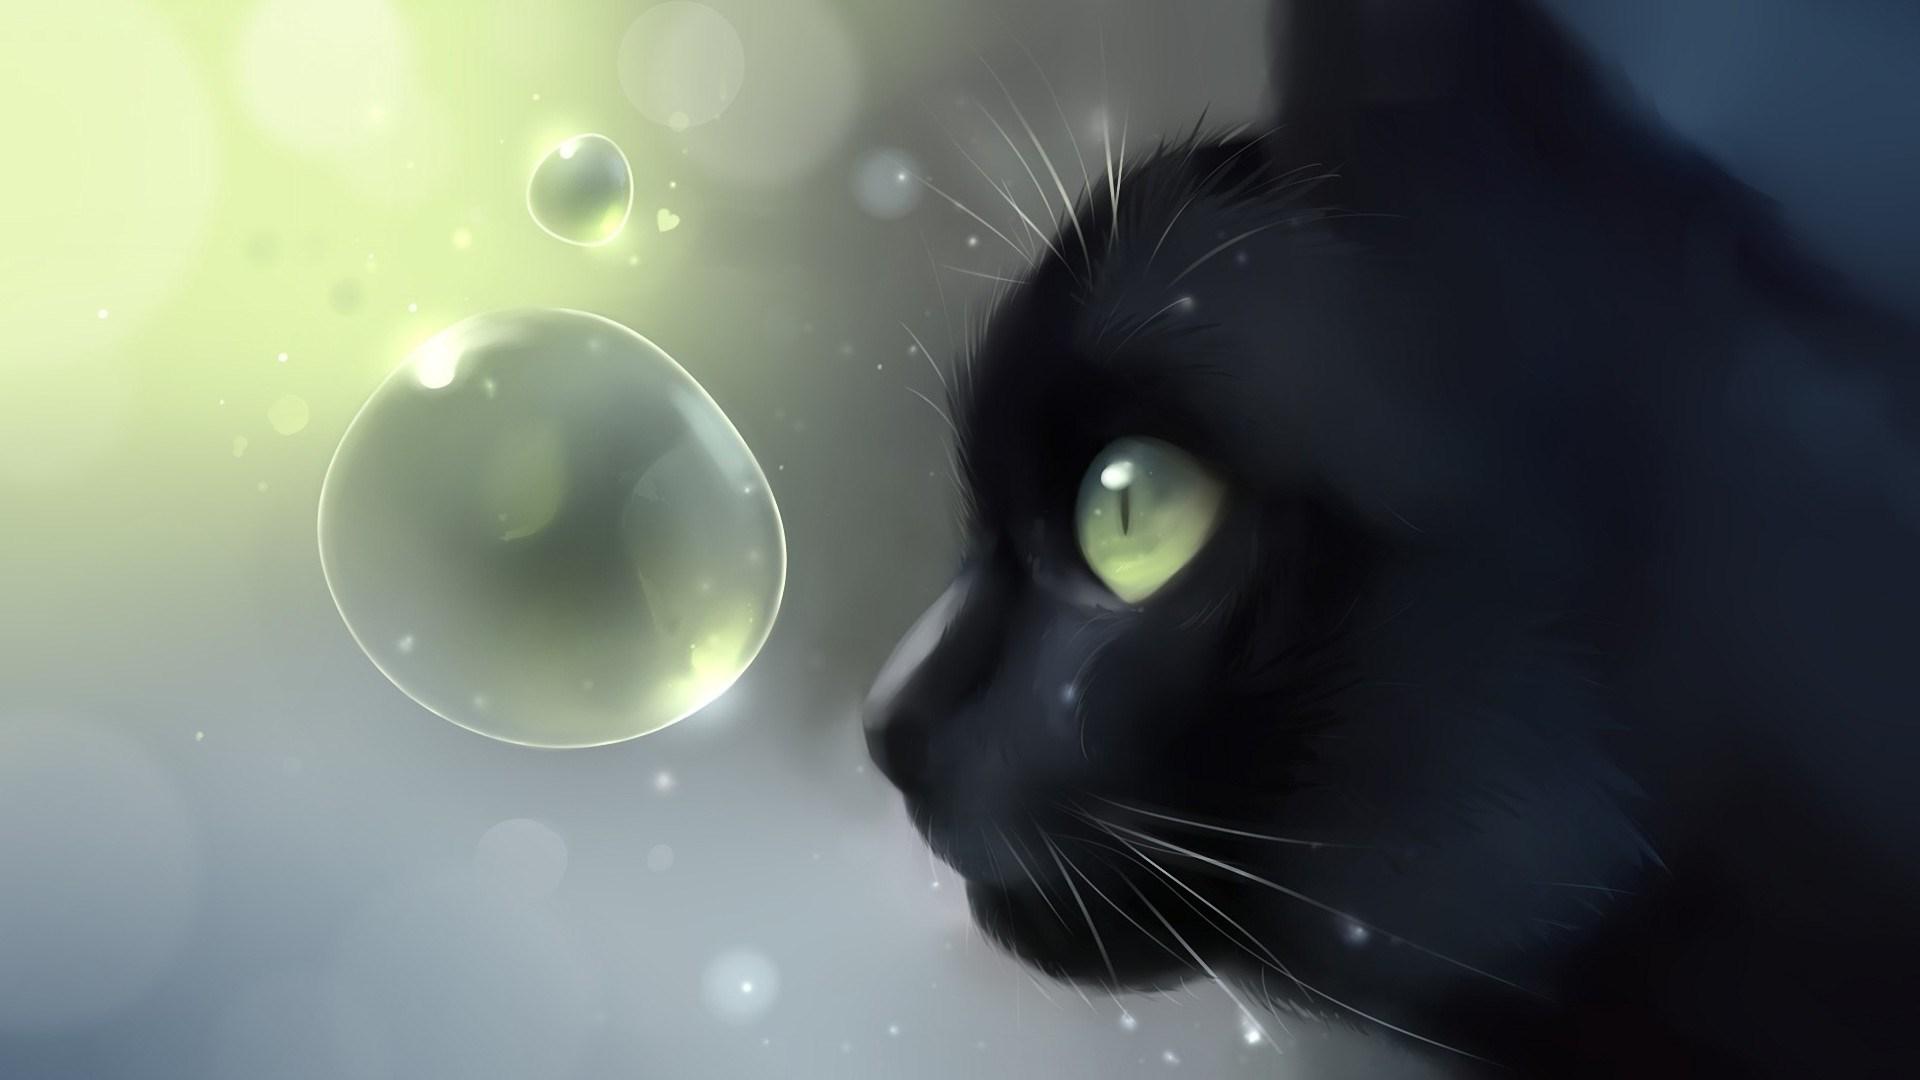 Drawn wallpaper cute anime cat Anime Wallpaper Cute Cat Cat